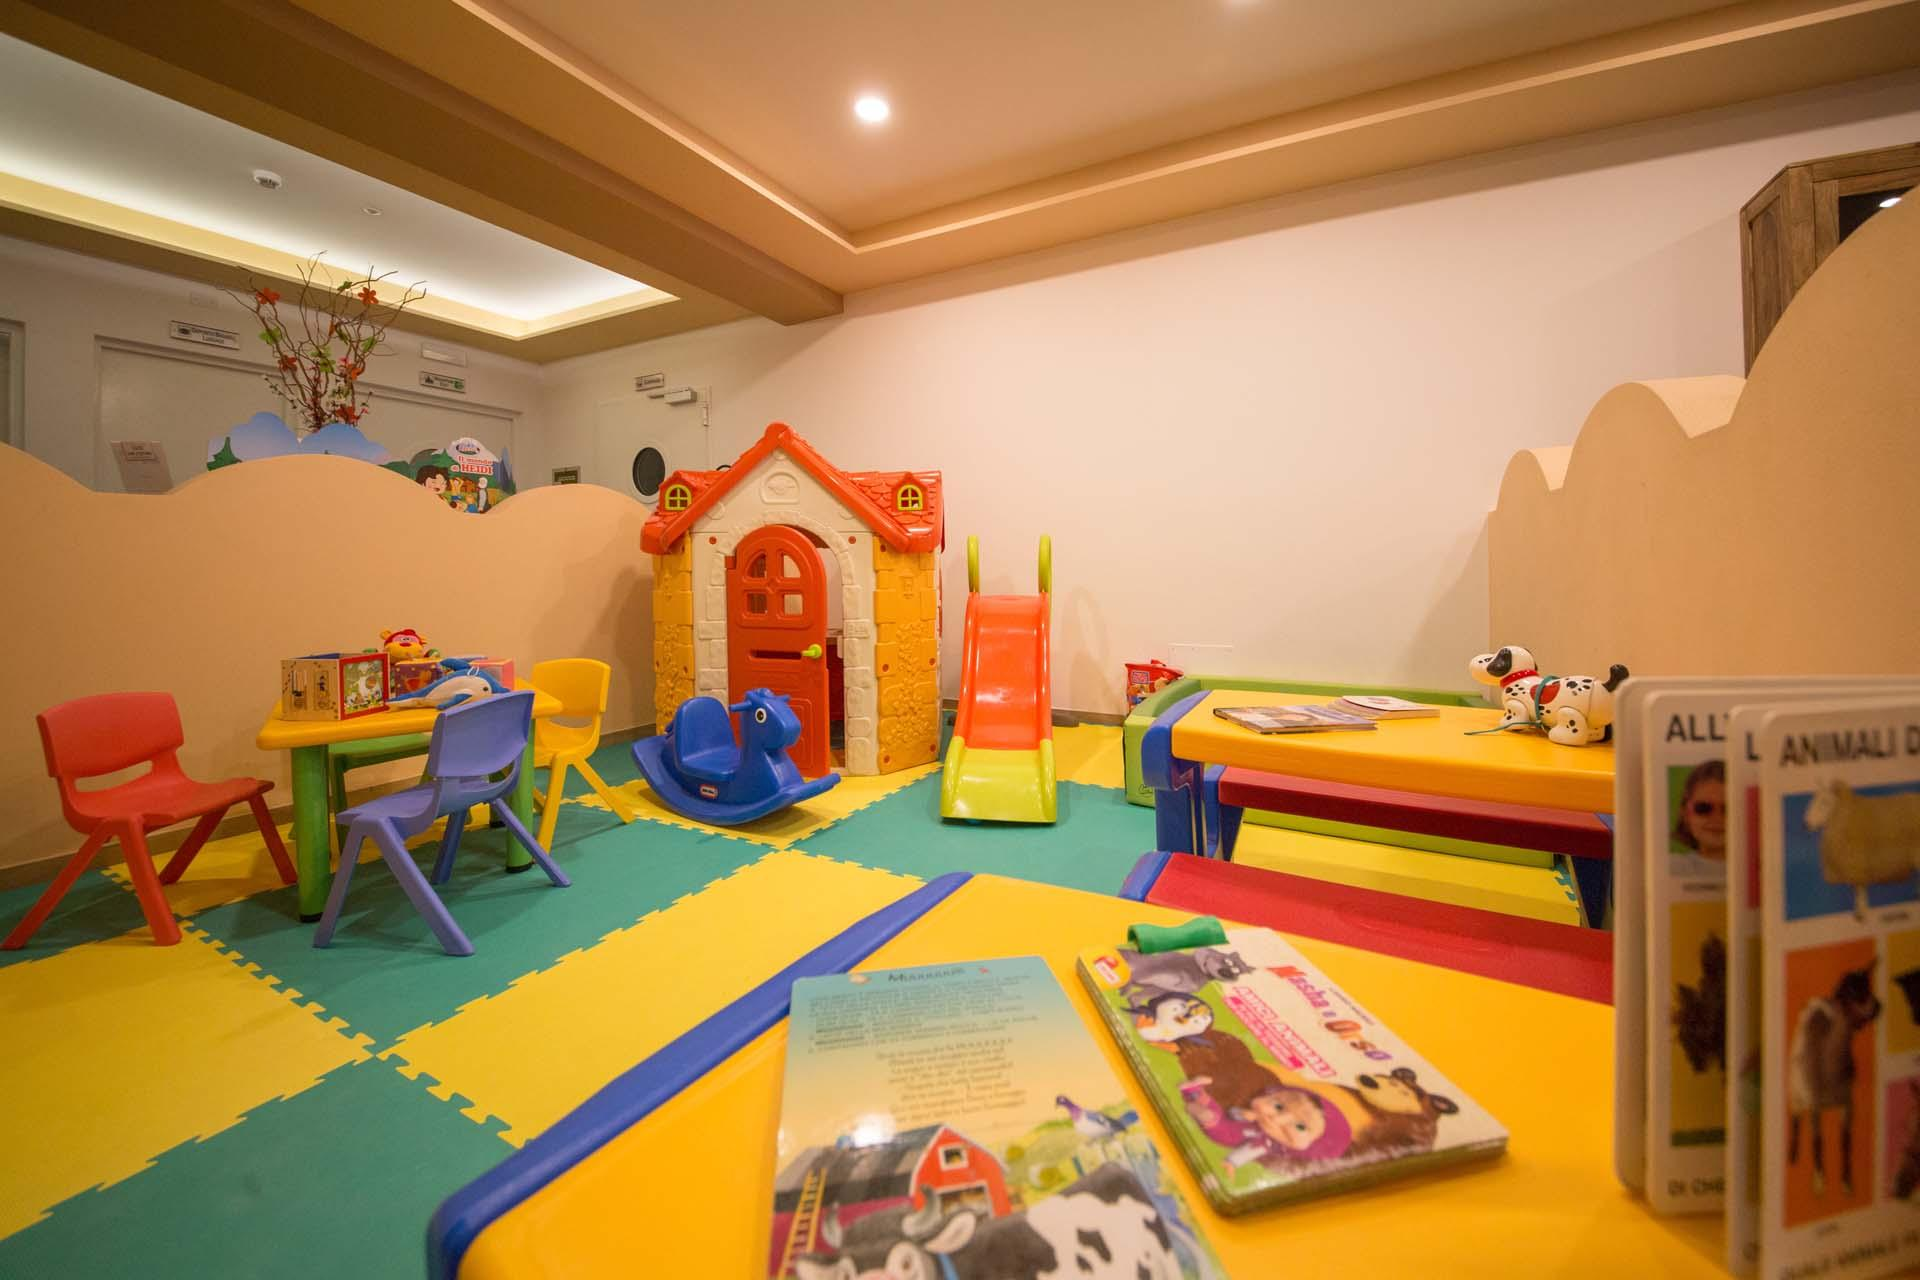 Sala Giochi Per Bambini : Miralago u hotel residenz appartements u pergine valsugana u im